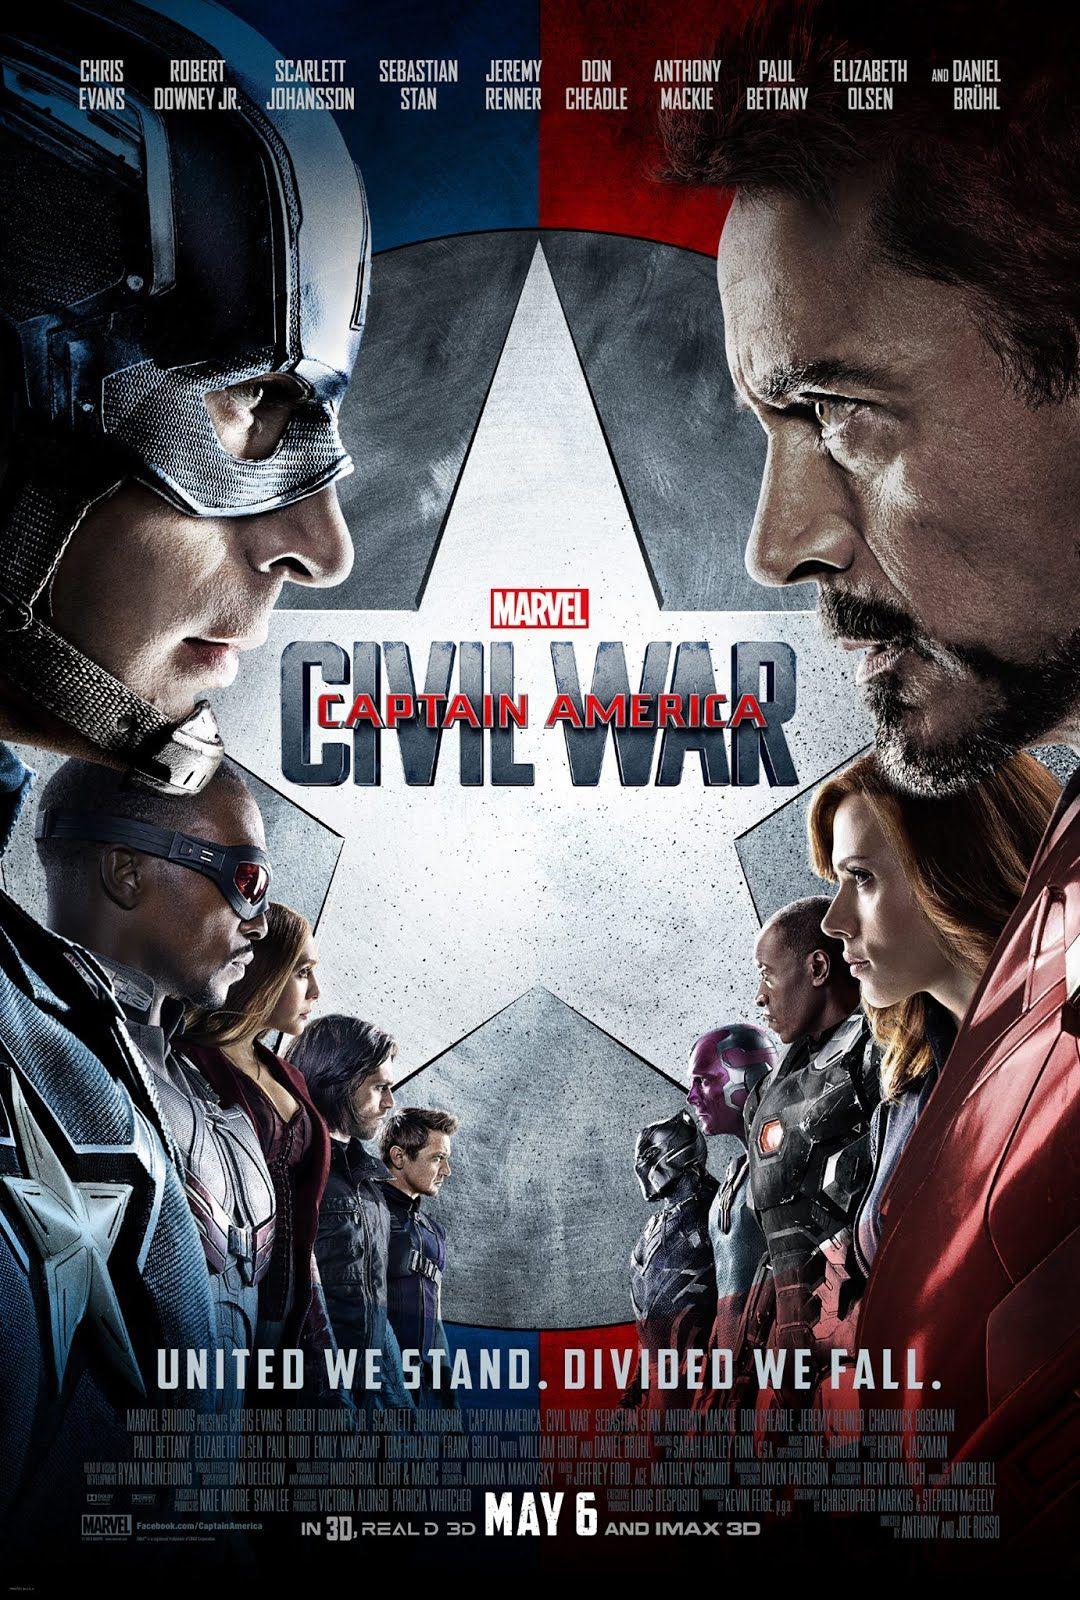 Capitan America Civil War El Poster Definitivo Sombras De Rebelion Pelicula Capitan America Peliculas Marvel Peliculas En Espanol